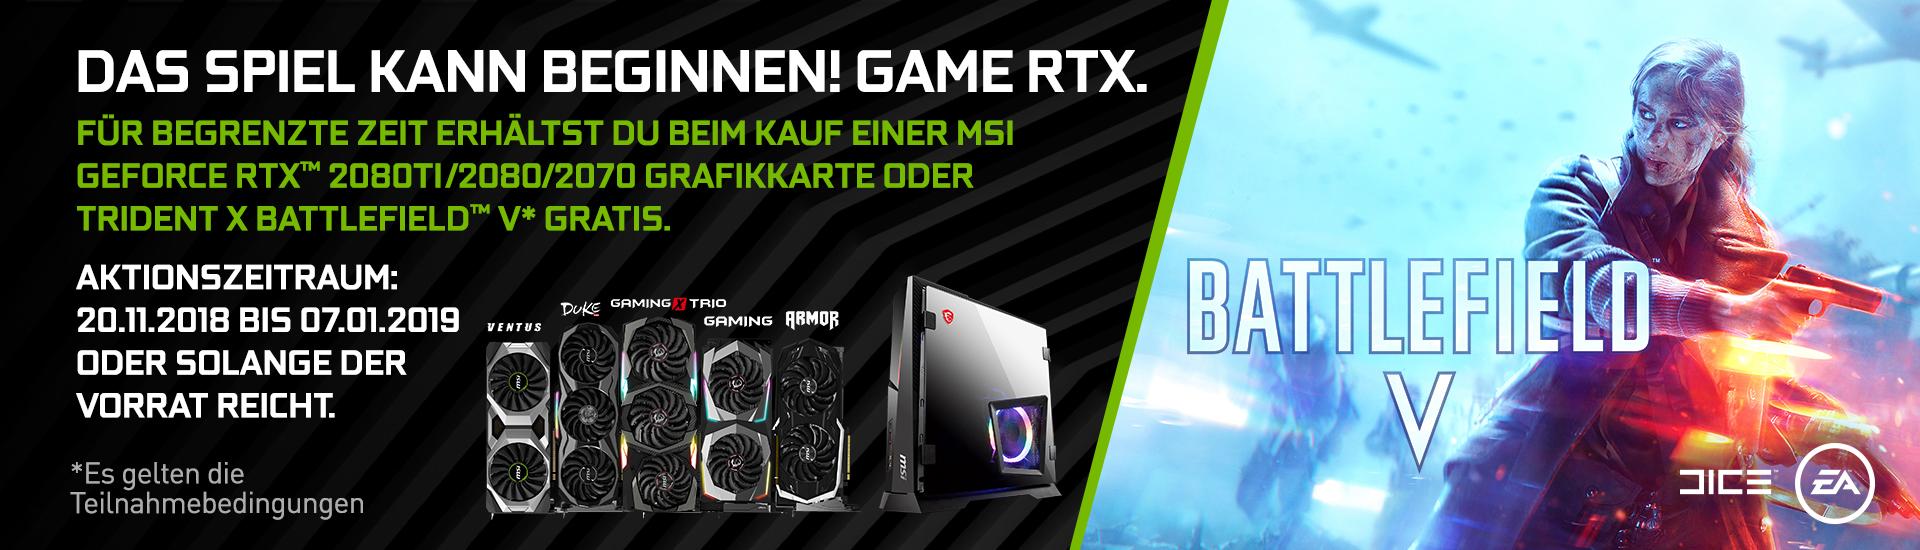 Das Spiel kann beginnen! Game RTX.